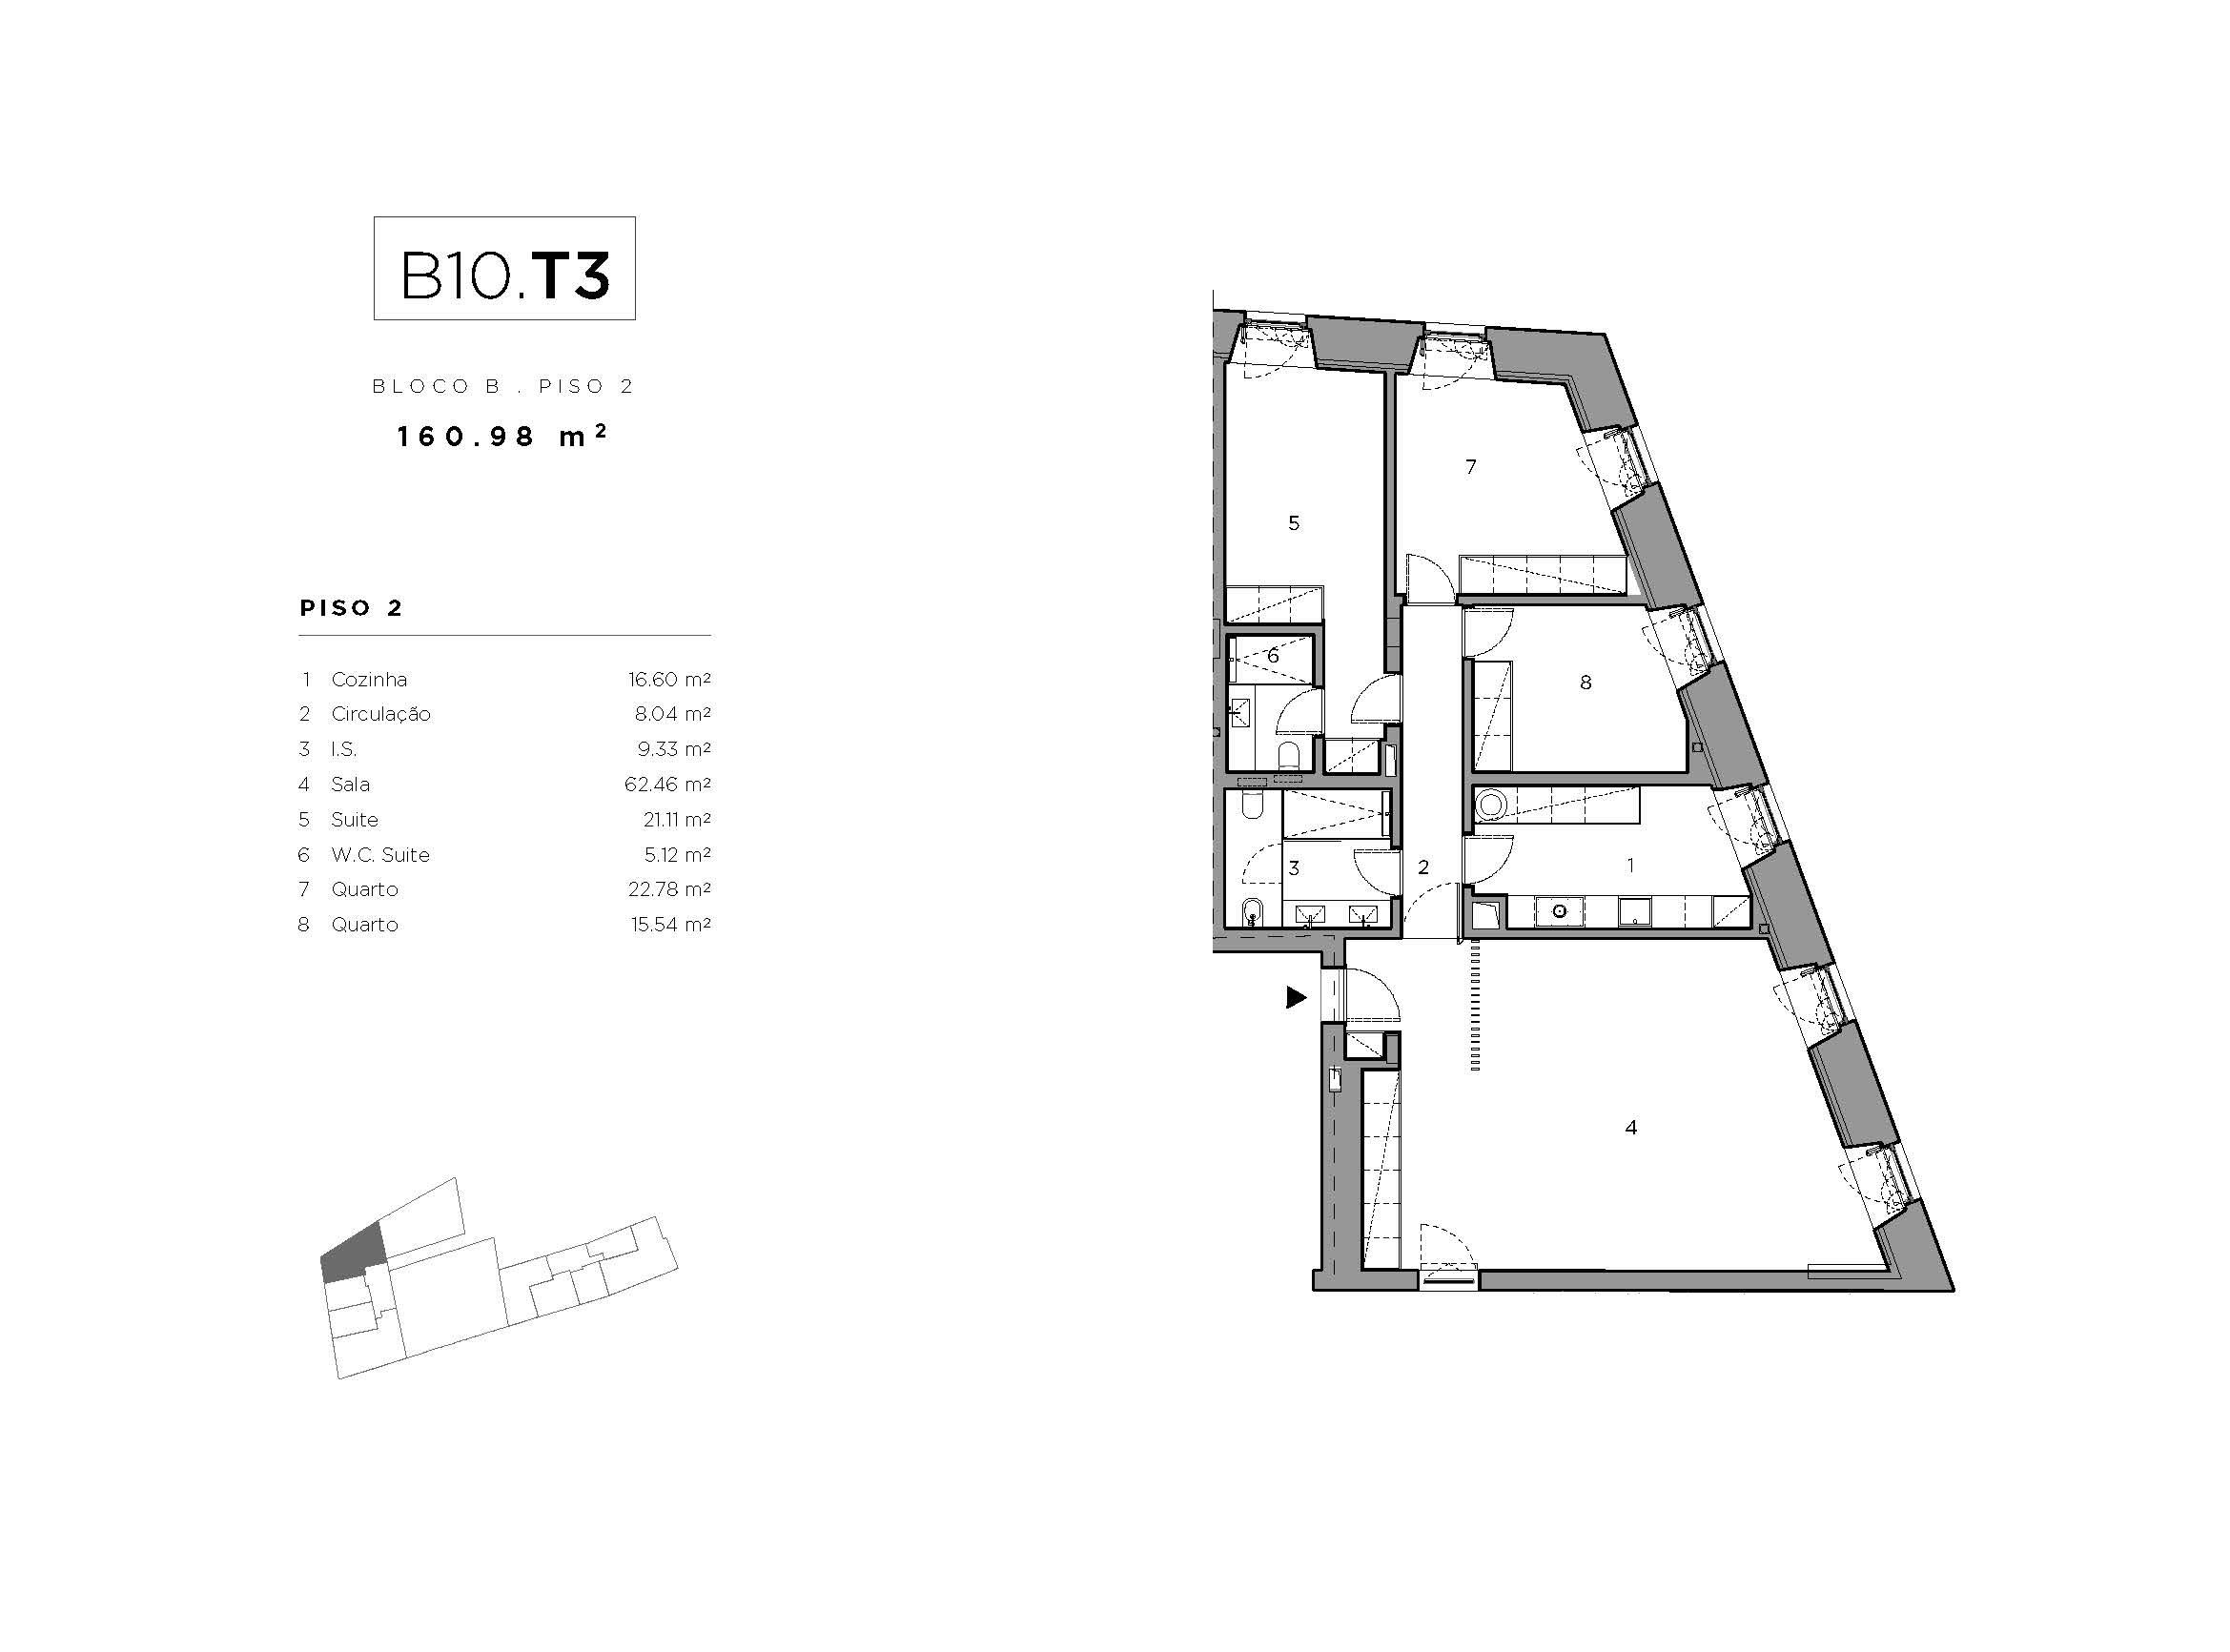 Fracção B10 - T3 - Bloco B - Bom Sucesso